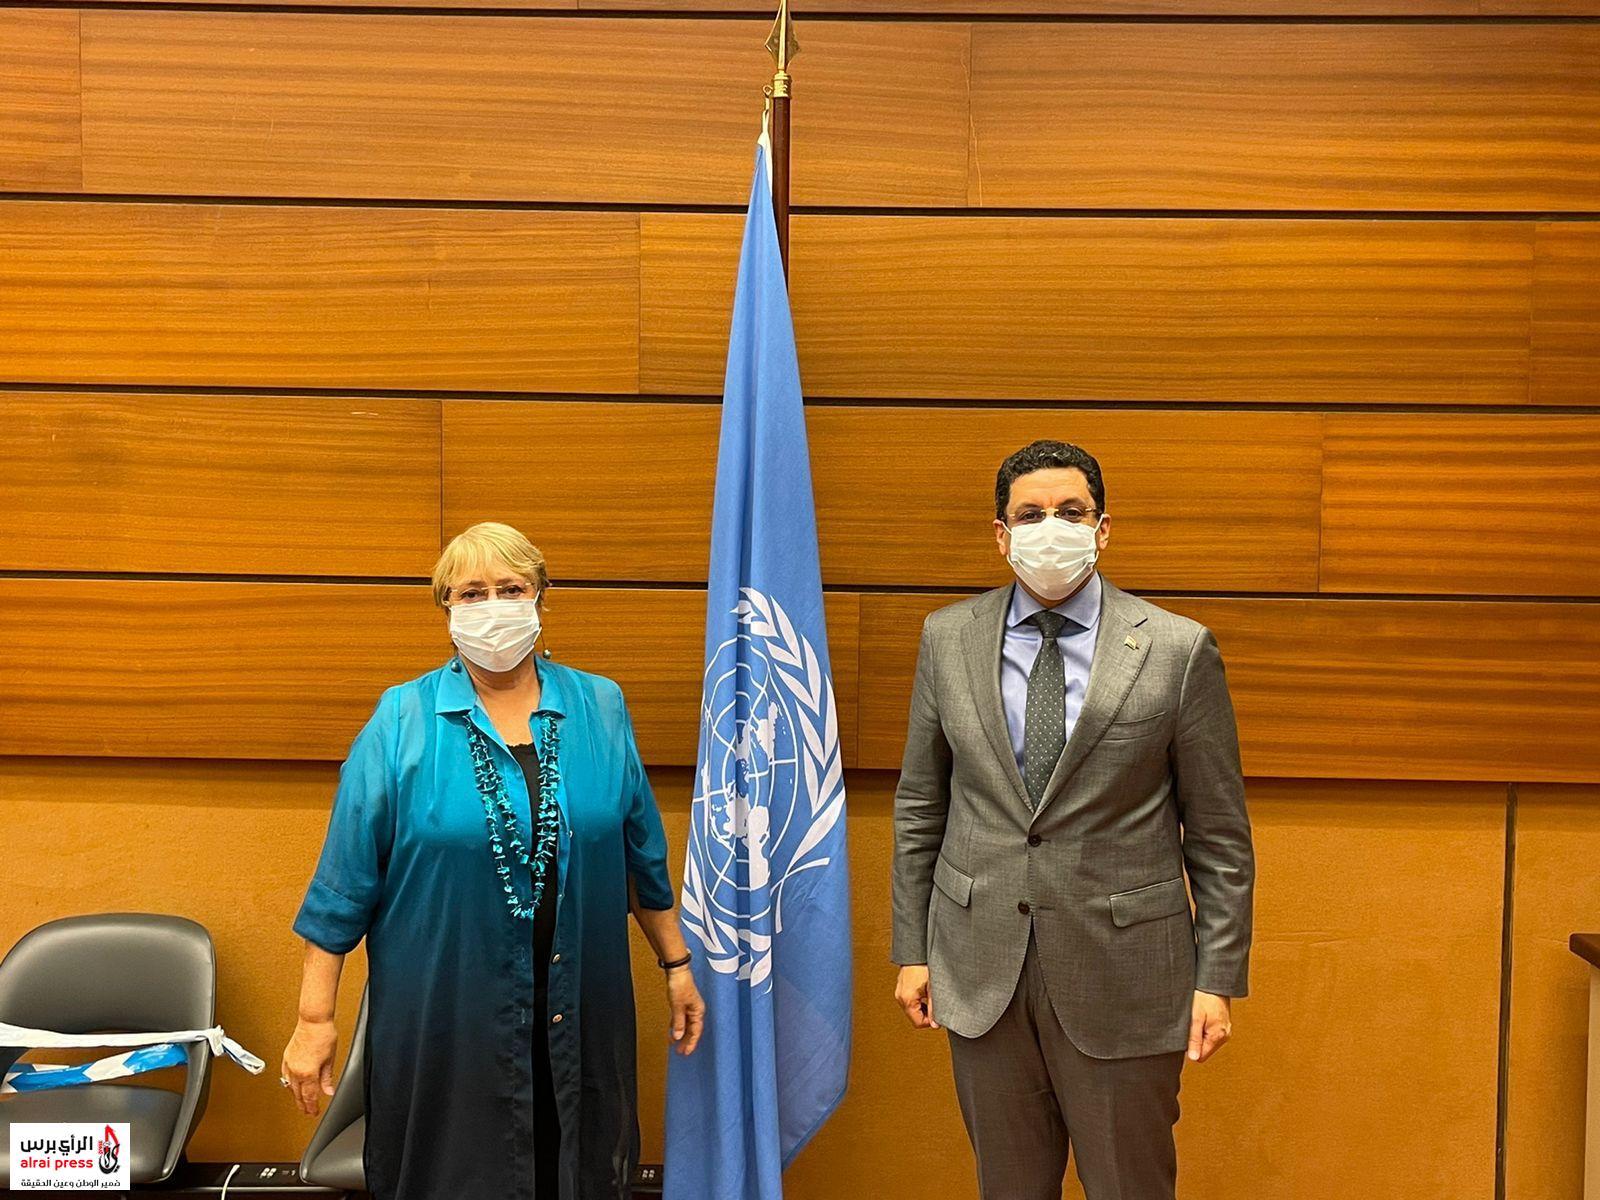 سياسيون ينتقدون وزير الخارجية اليمني بسبب نشاطه الحقوقي دون السياسي